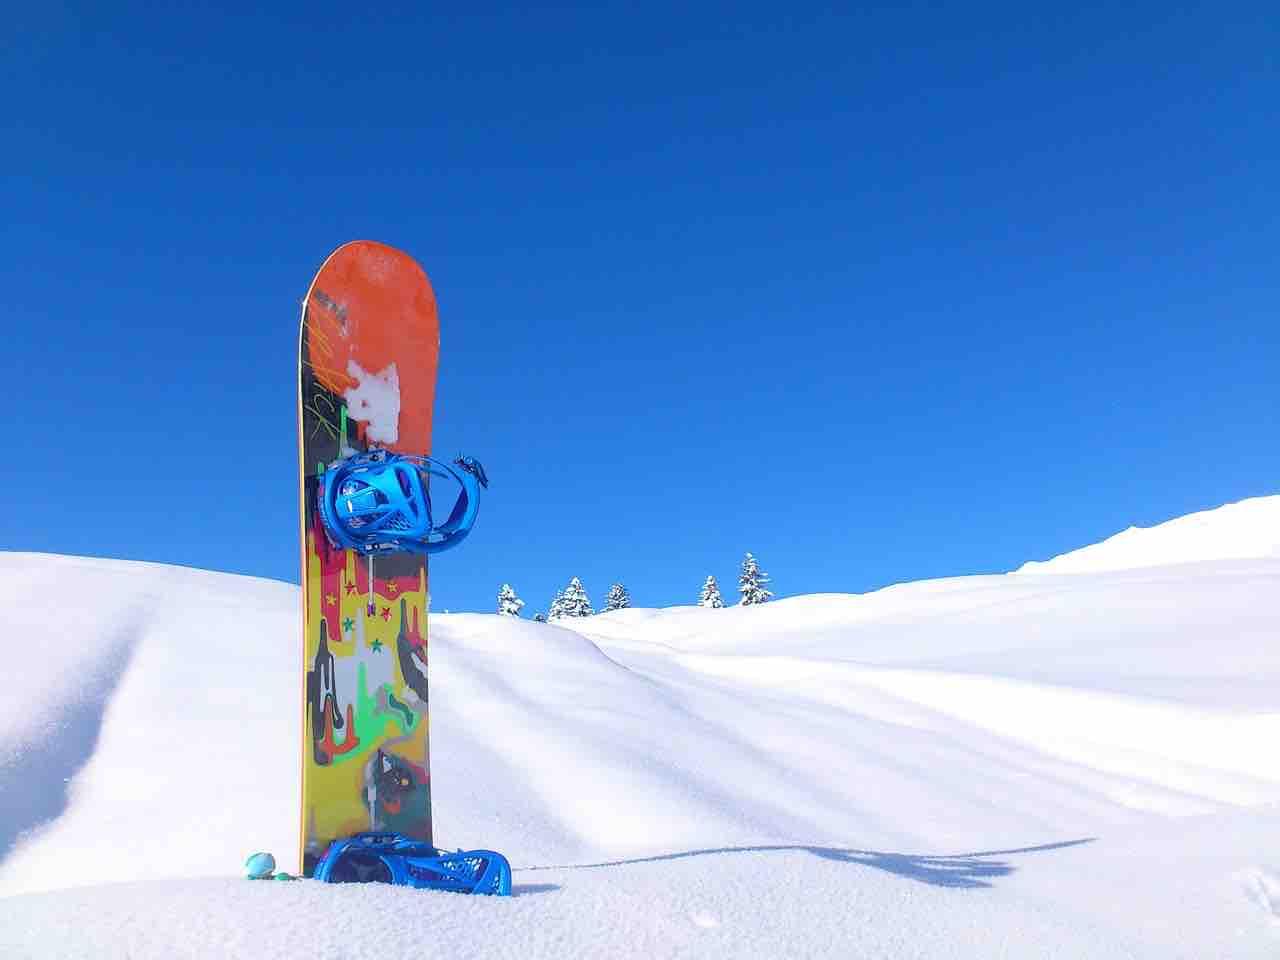 【子供とスノーボード】雪山デビューのために準備しておくこと